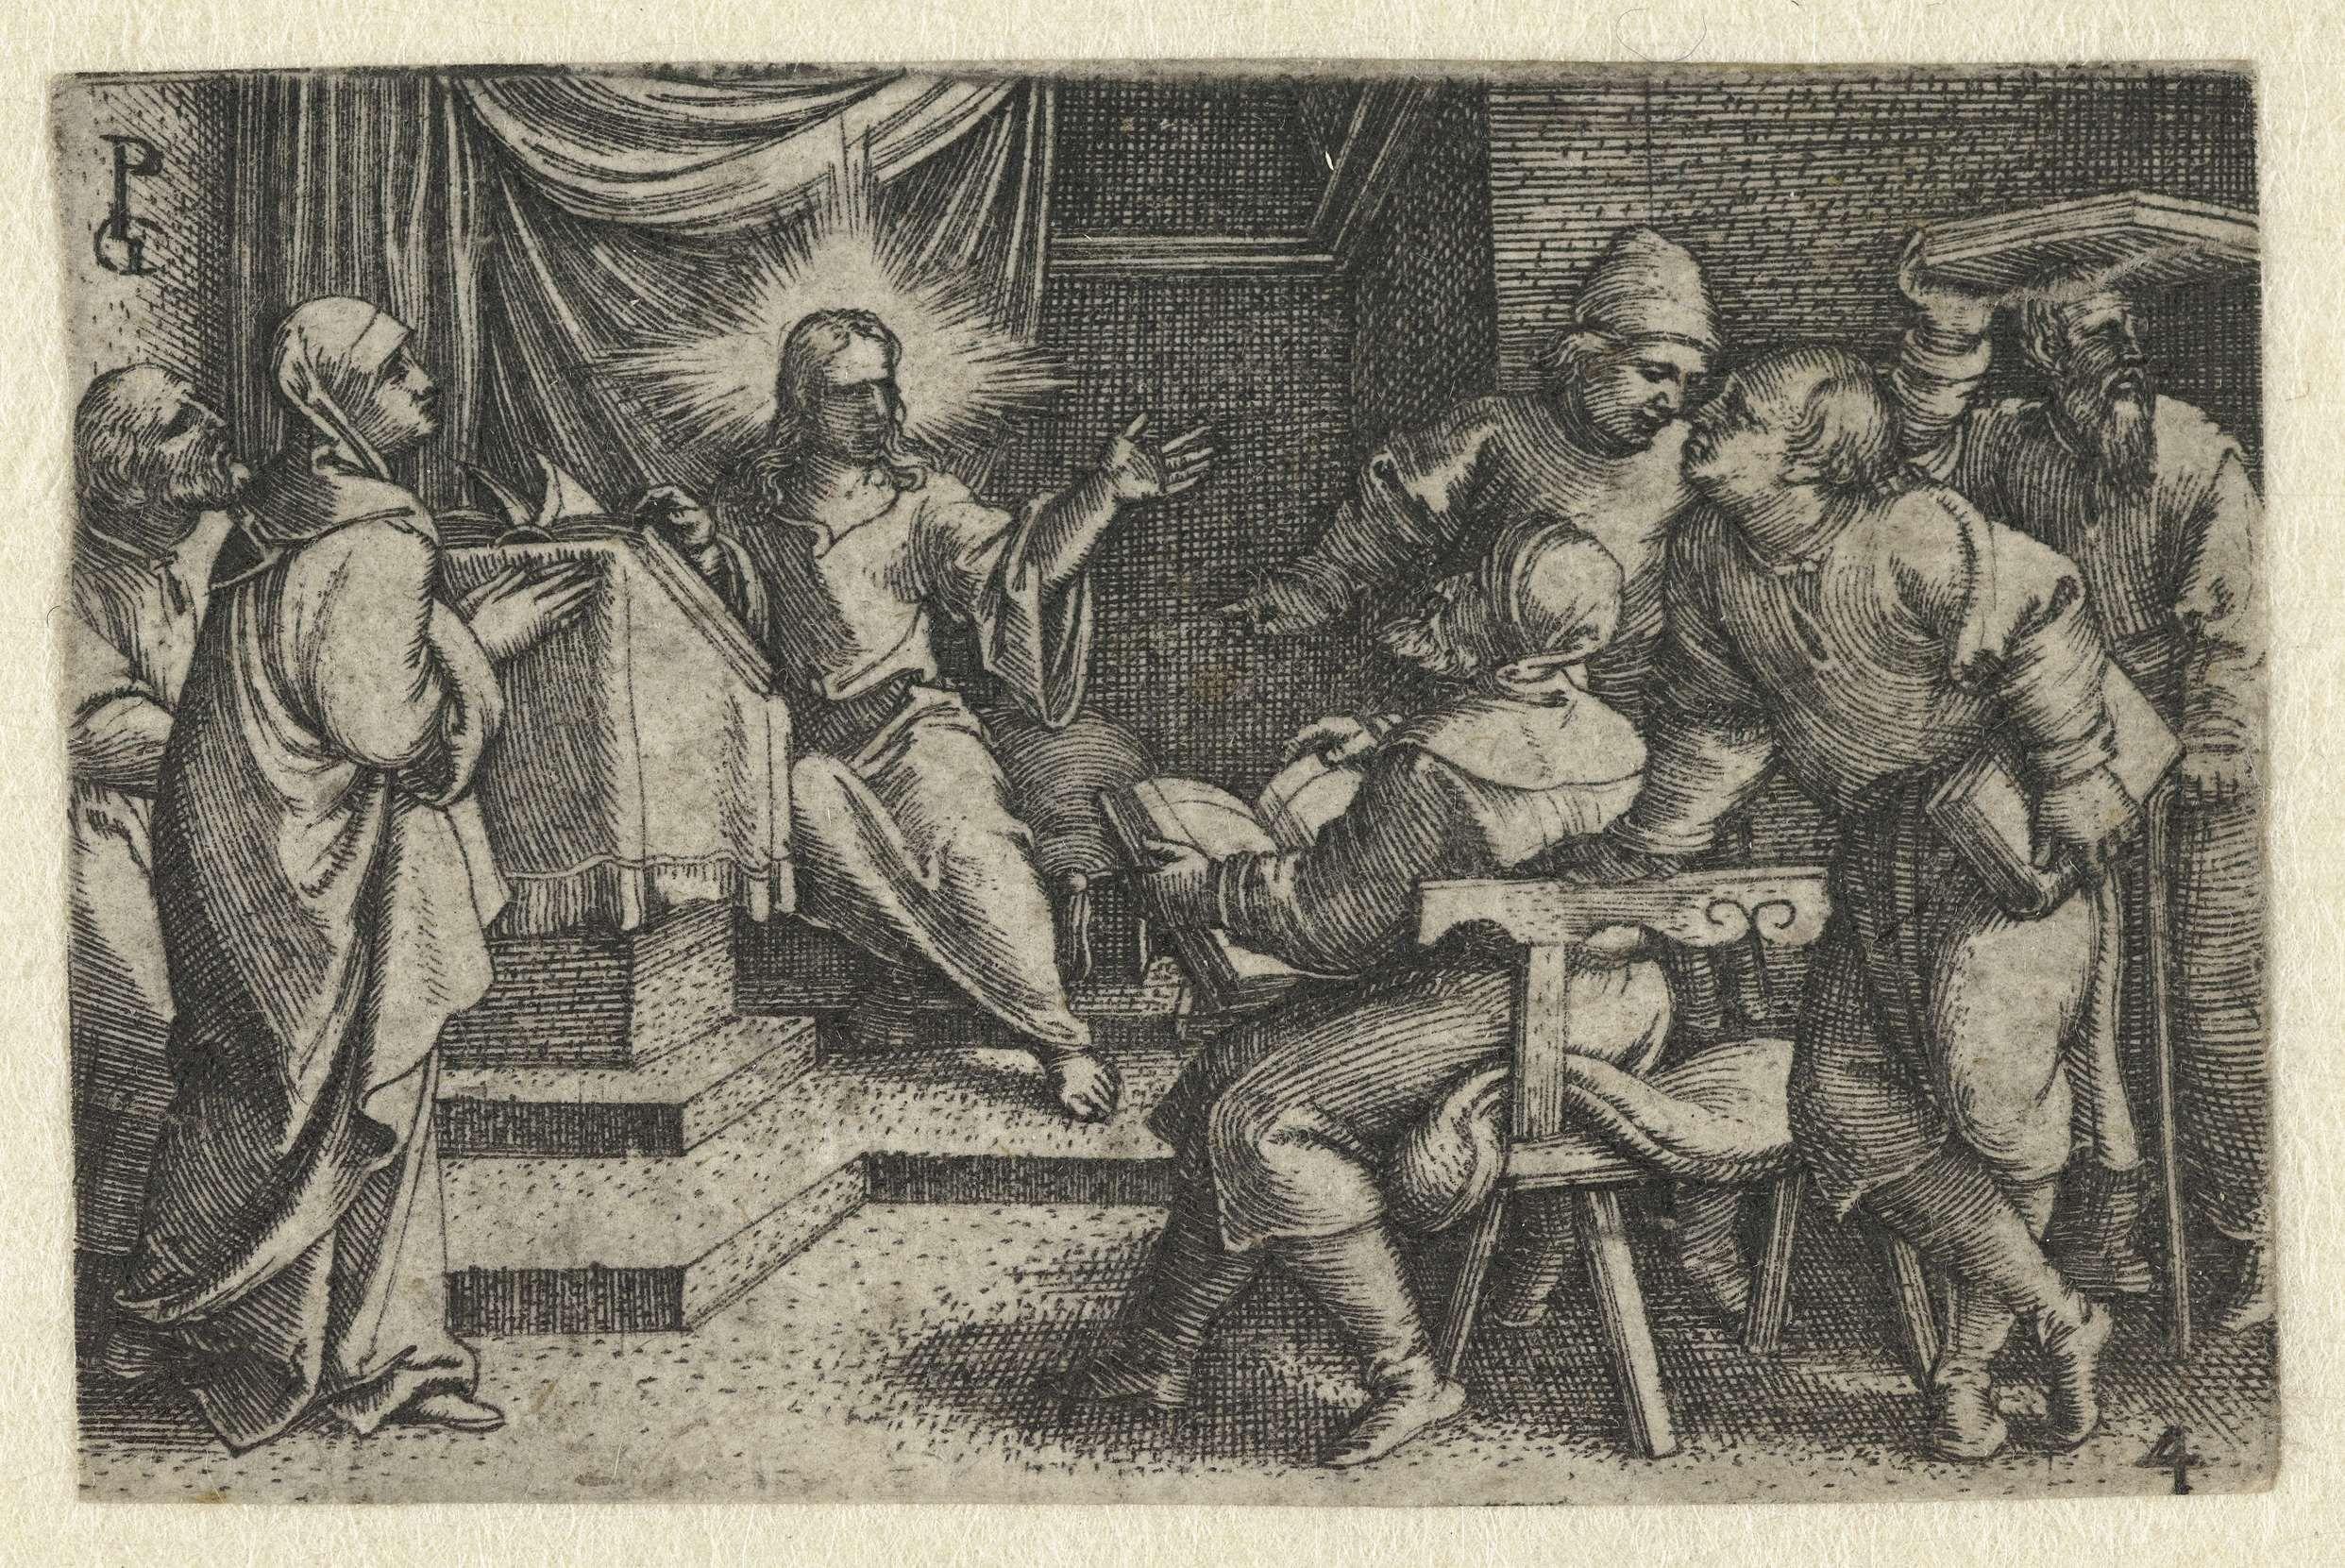 Georg Pencz | Christus onderwijst schriftgeleerden in de tempel, Georg Pencz, 1534 - 1535 |